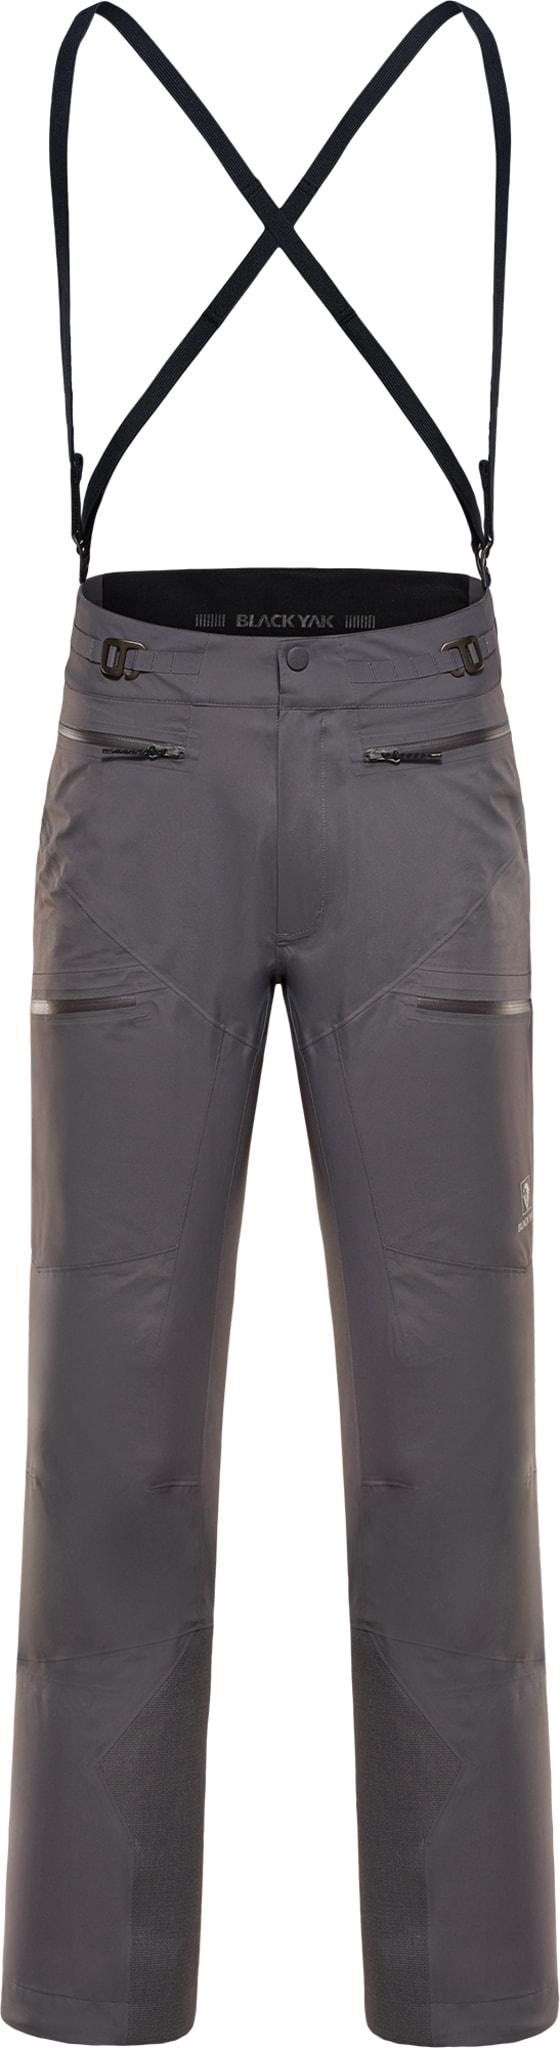 Hariana Pants Ms